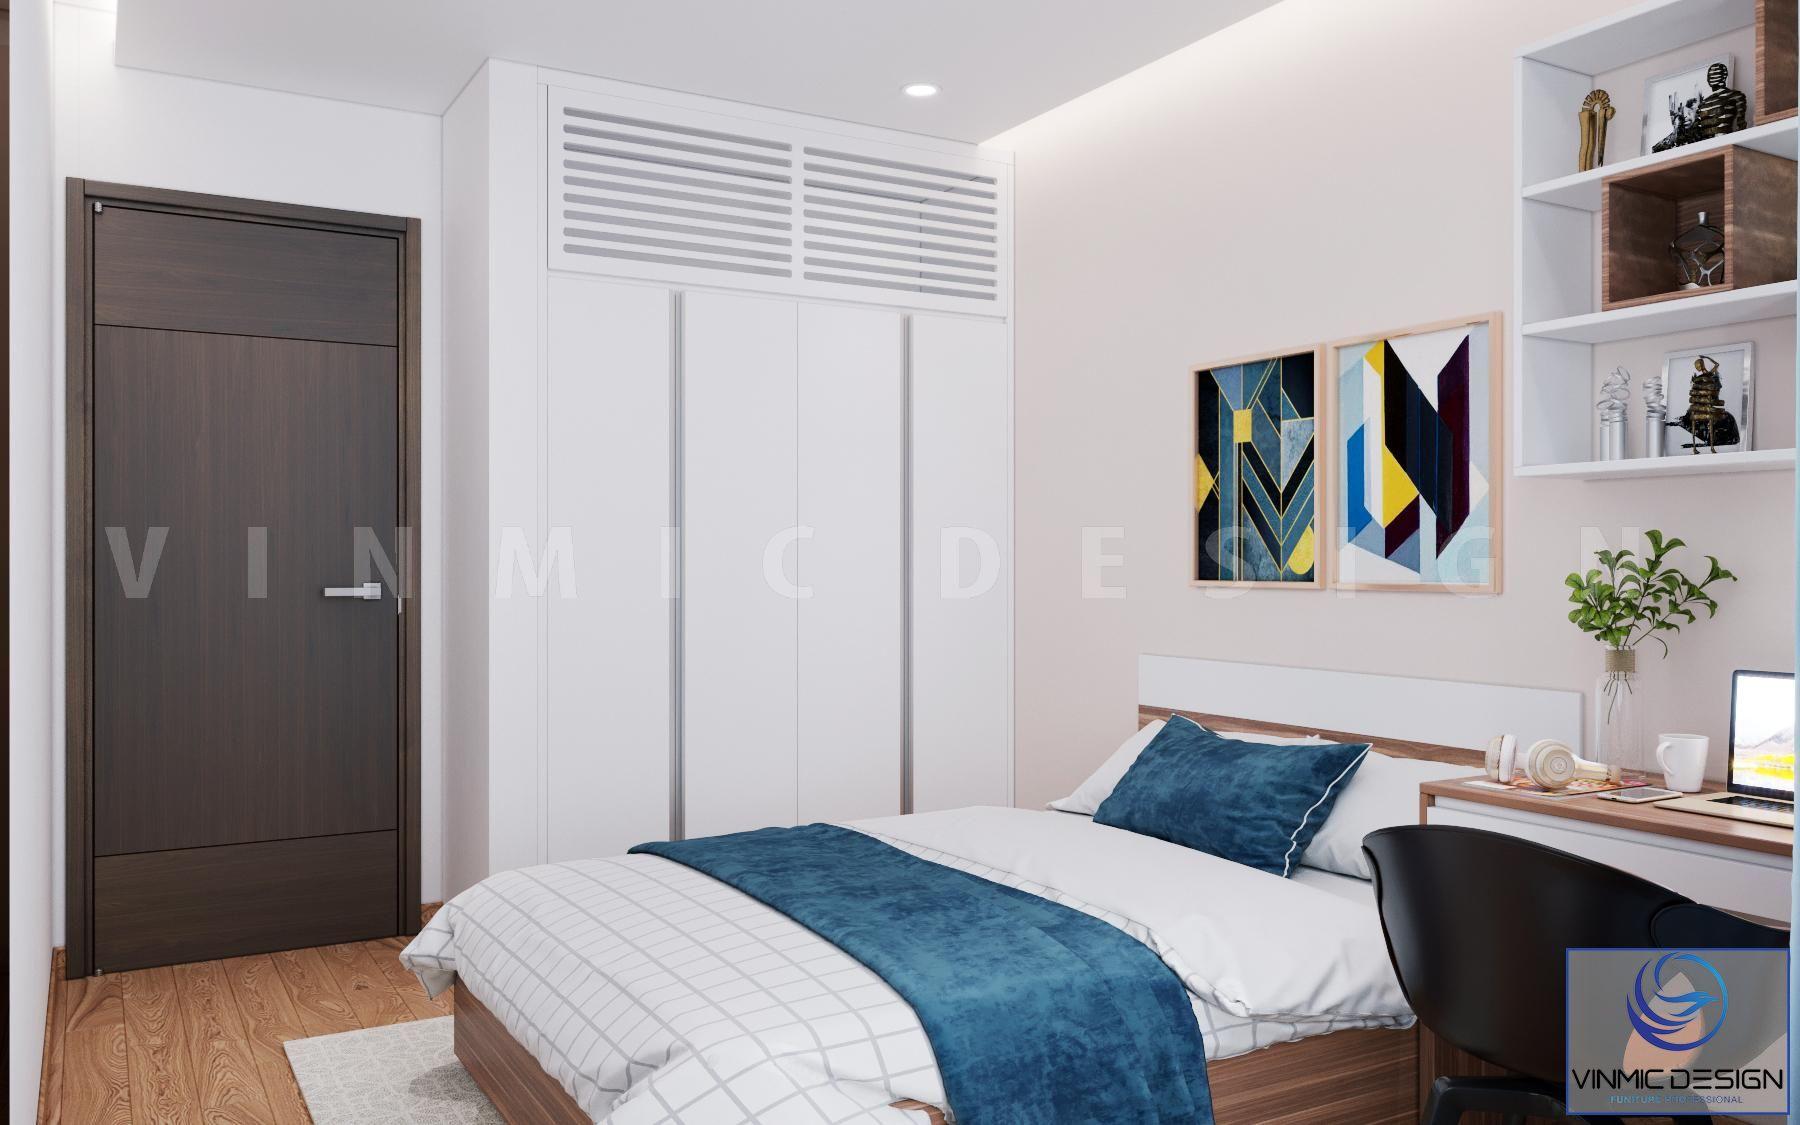 Thiết kế nội thất phòng ngủ căn hộ cao cấp